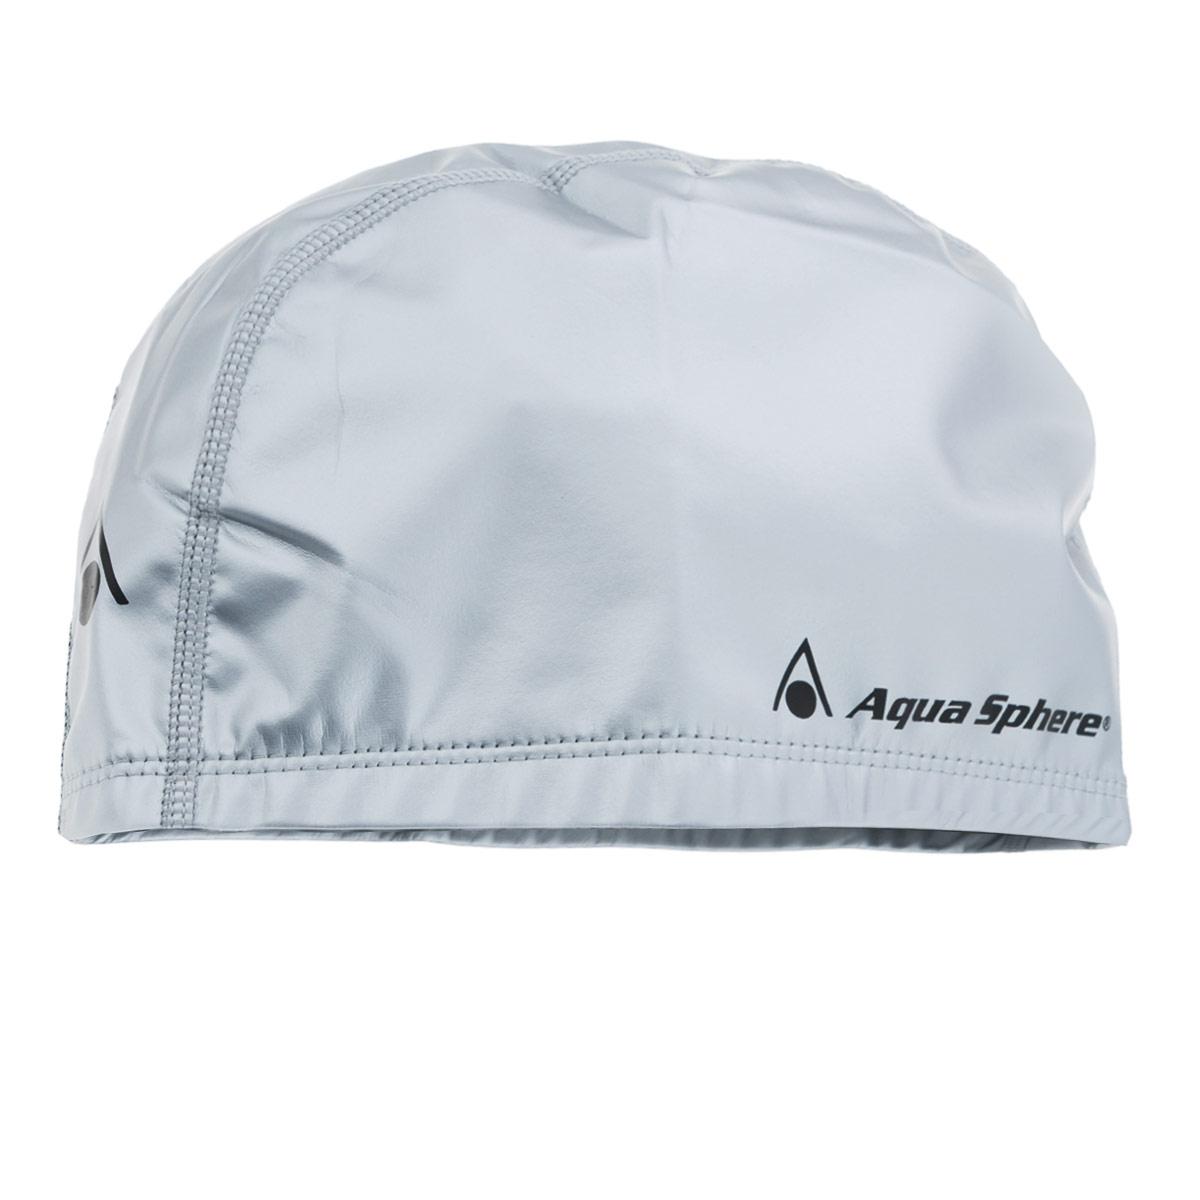 Шапочка для плавания Aqua Sphere Aqua Speed, цвет: серебристыйSP 20922N(945633)Плавательная шапочка Aqua Sphere Aqua Speed выполнена из двухкомпонентного материала. Мягкий эластичный материал внутри для максимального комфорта (90% полиэстер) и герметичный высокопрочный материал снаружи (10% резина).